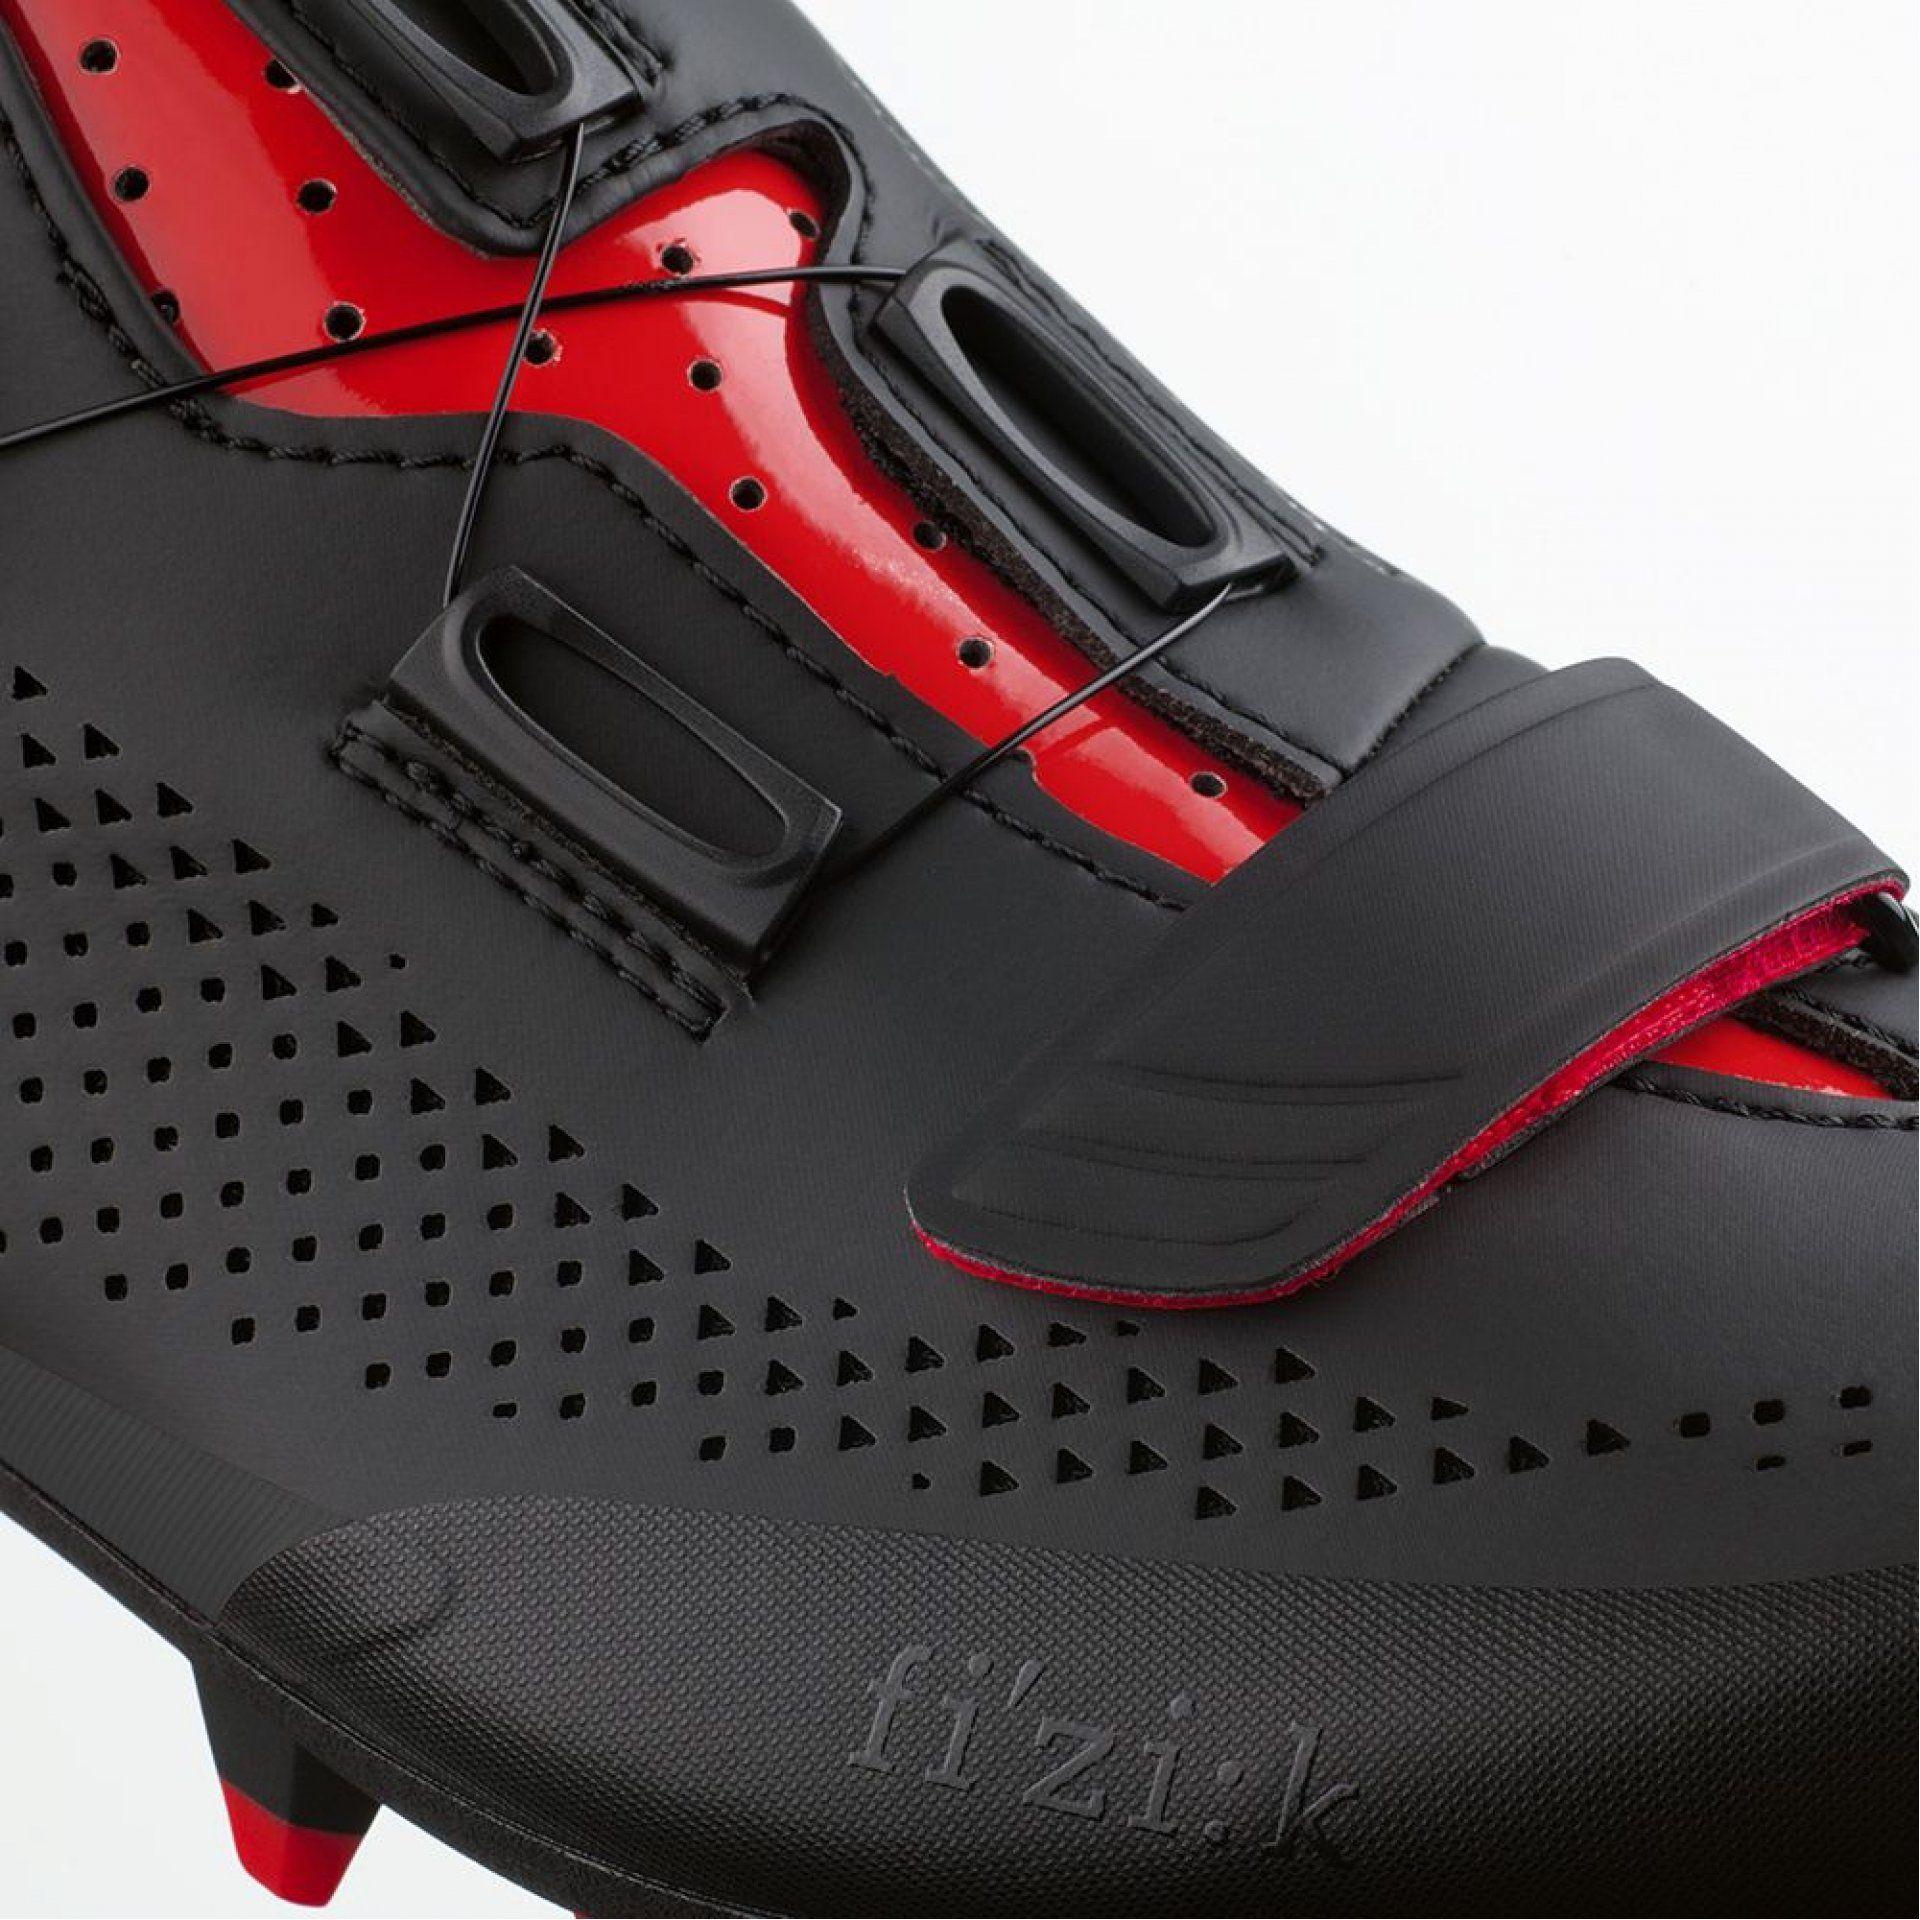 BUTY ROWEROWE FIZIK TERRA X5 1030 BLACK|RED ZAPIĘCIE